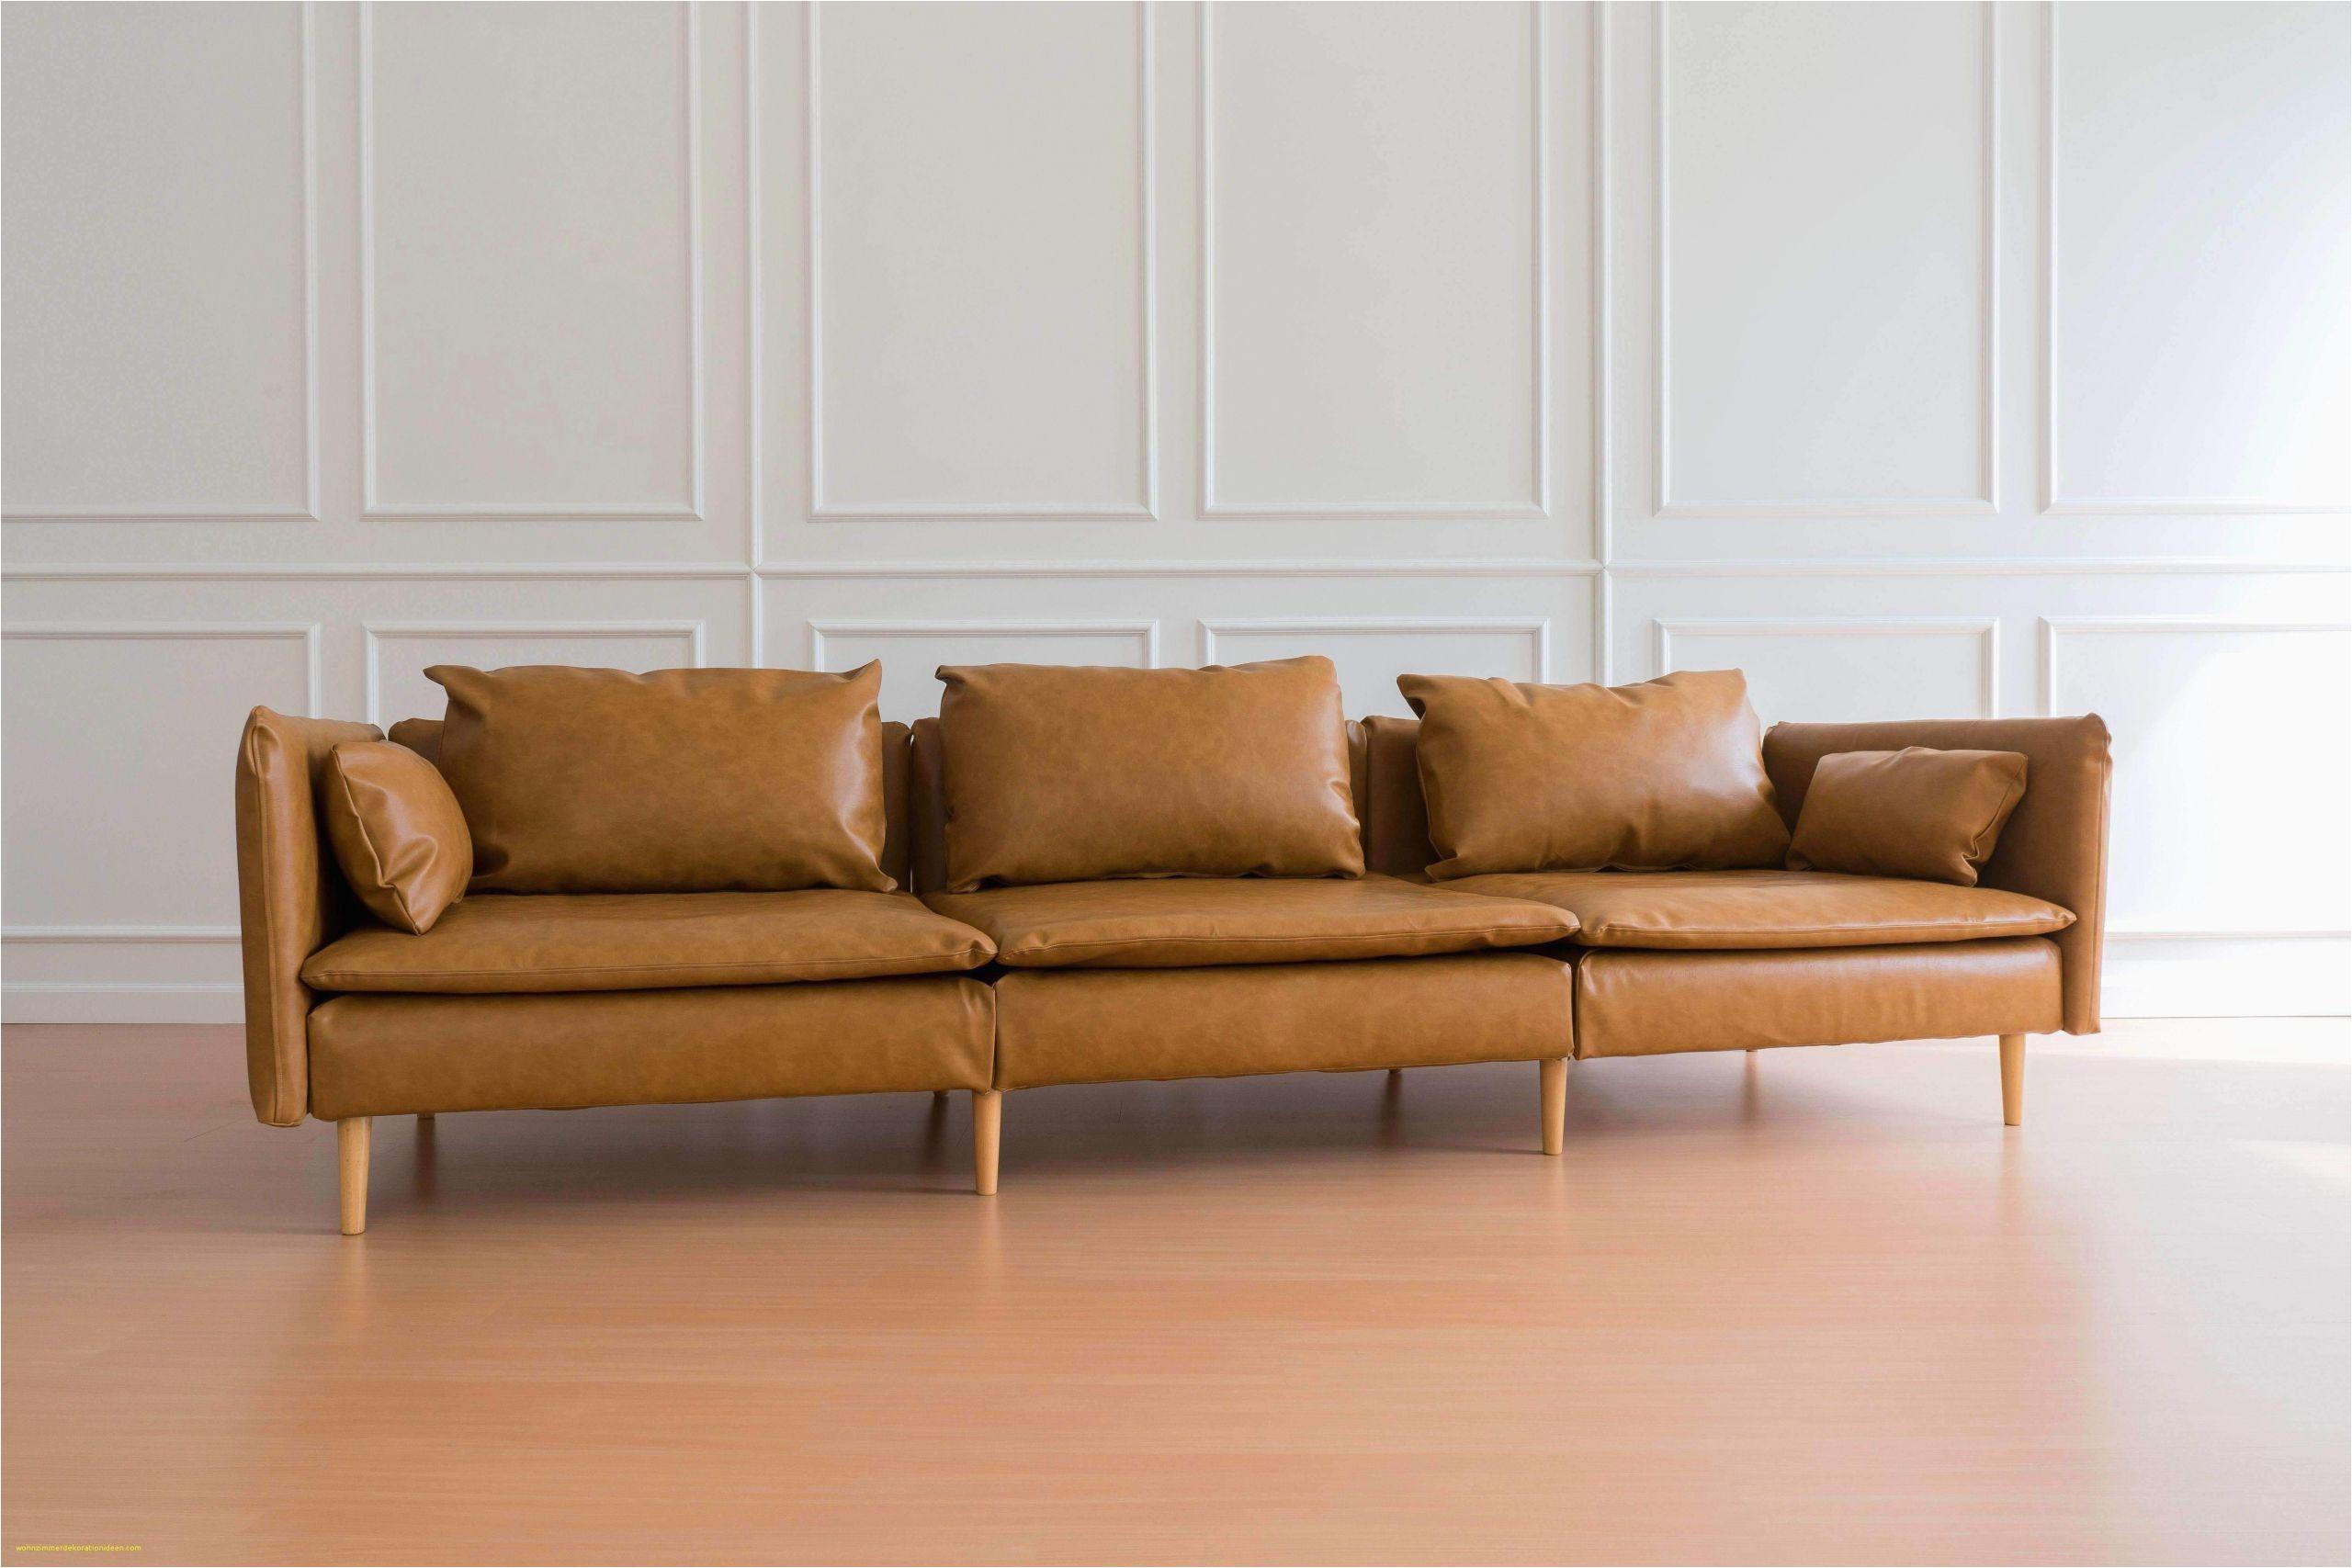 Wohnzimmer Antikes sofa Wohnzimmer Sessel Modern Frisch 50 Einzigartig Von